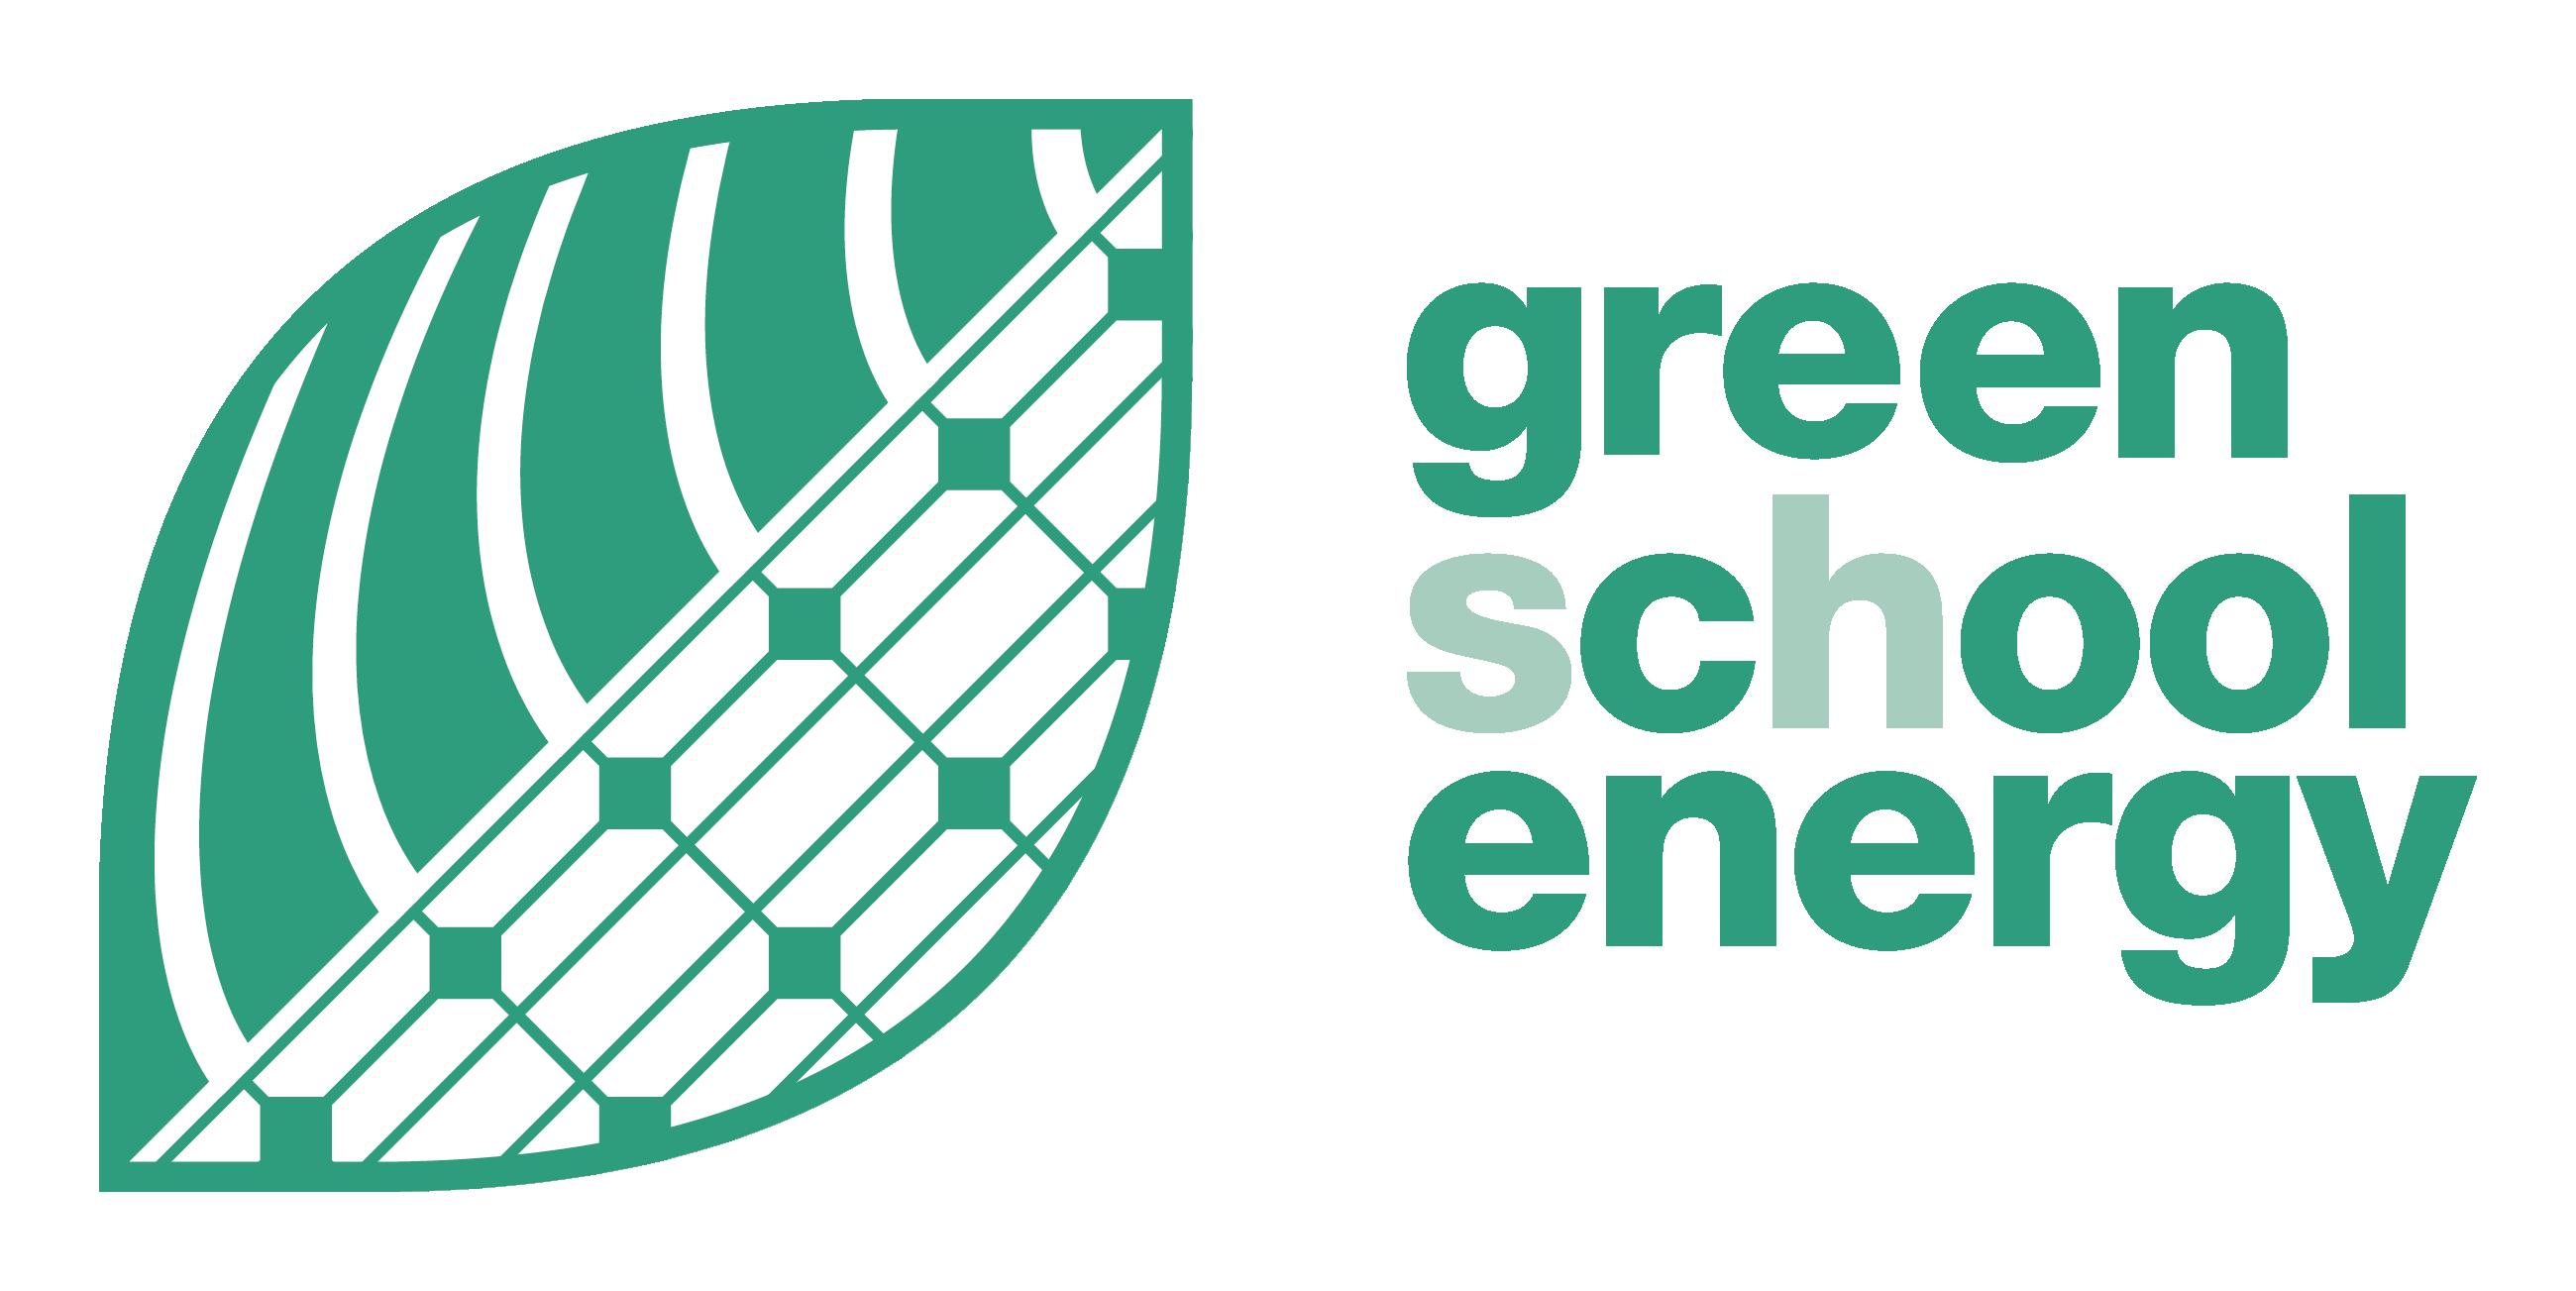 GREENsChOOLENERGY